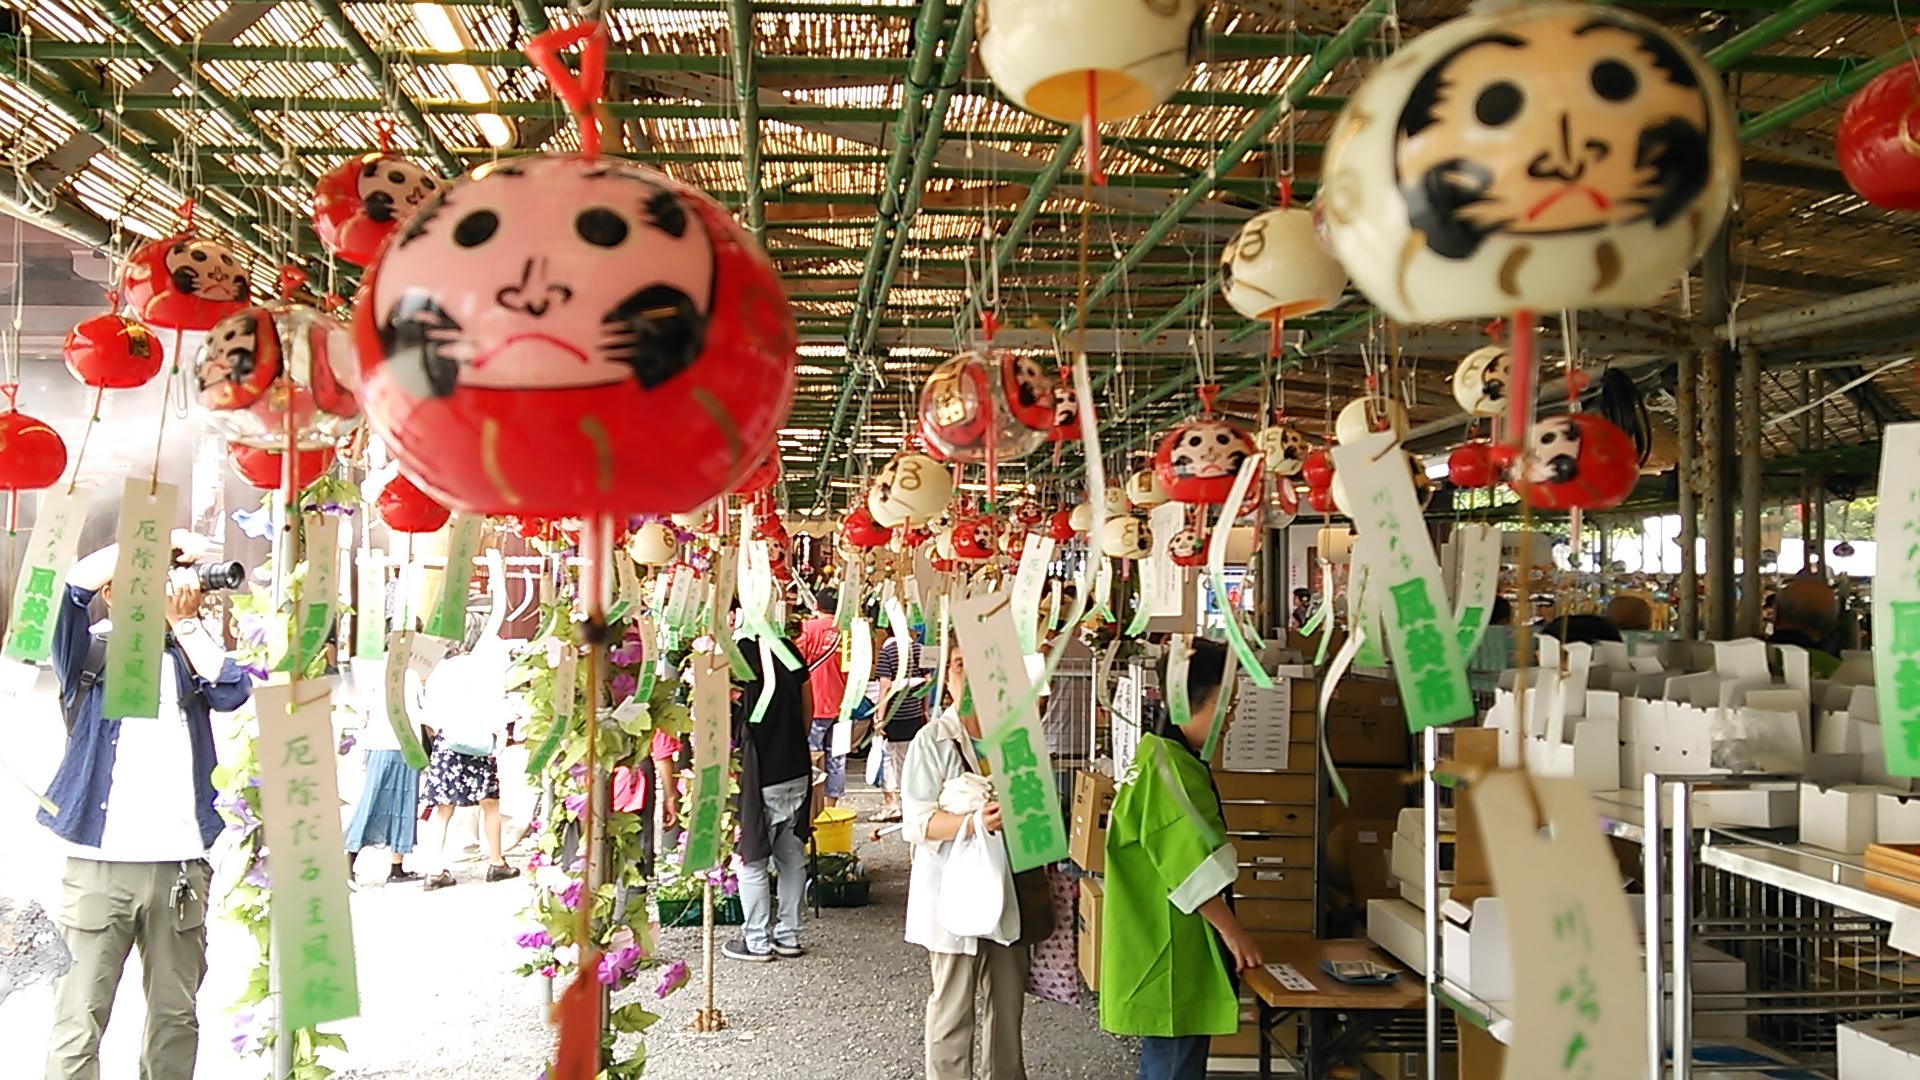 全国から30,000個の風鈴が集う「川崎大師風鈴市」 イメージ